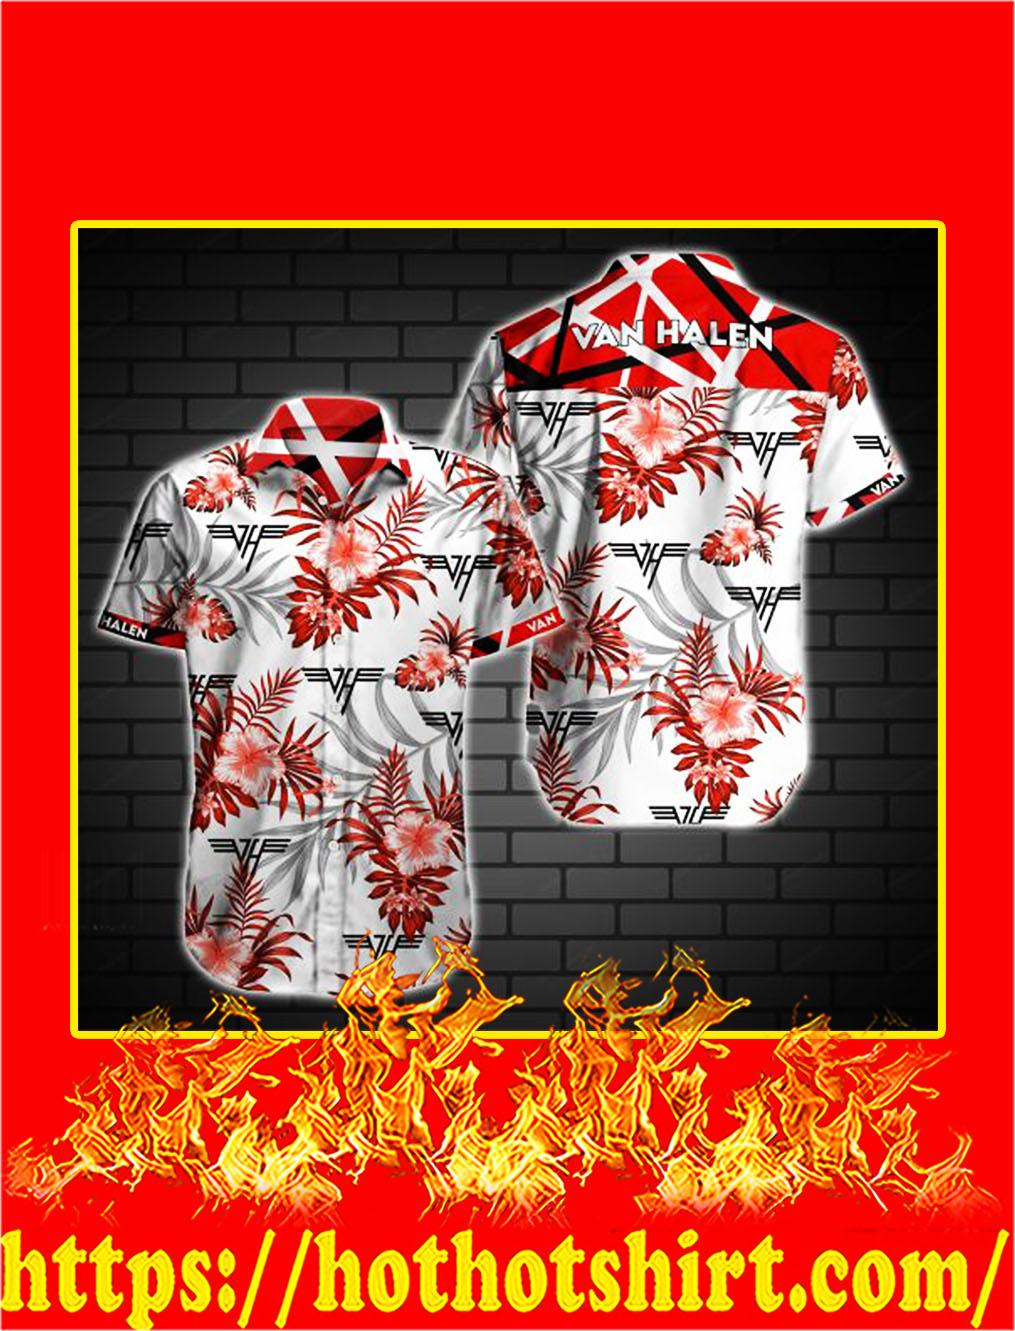 Van halen hawaiian shirt - M